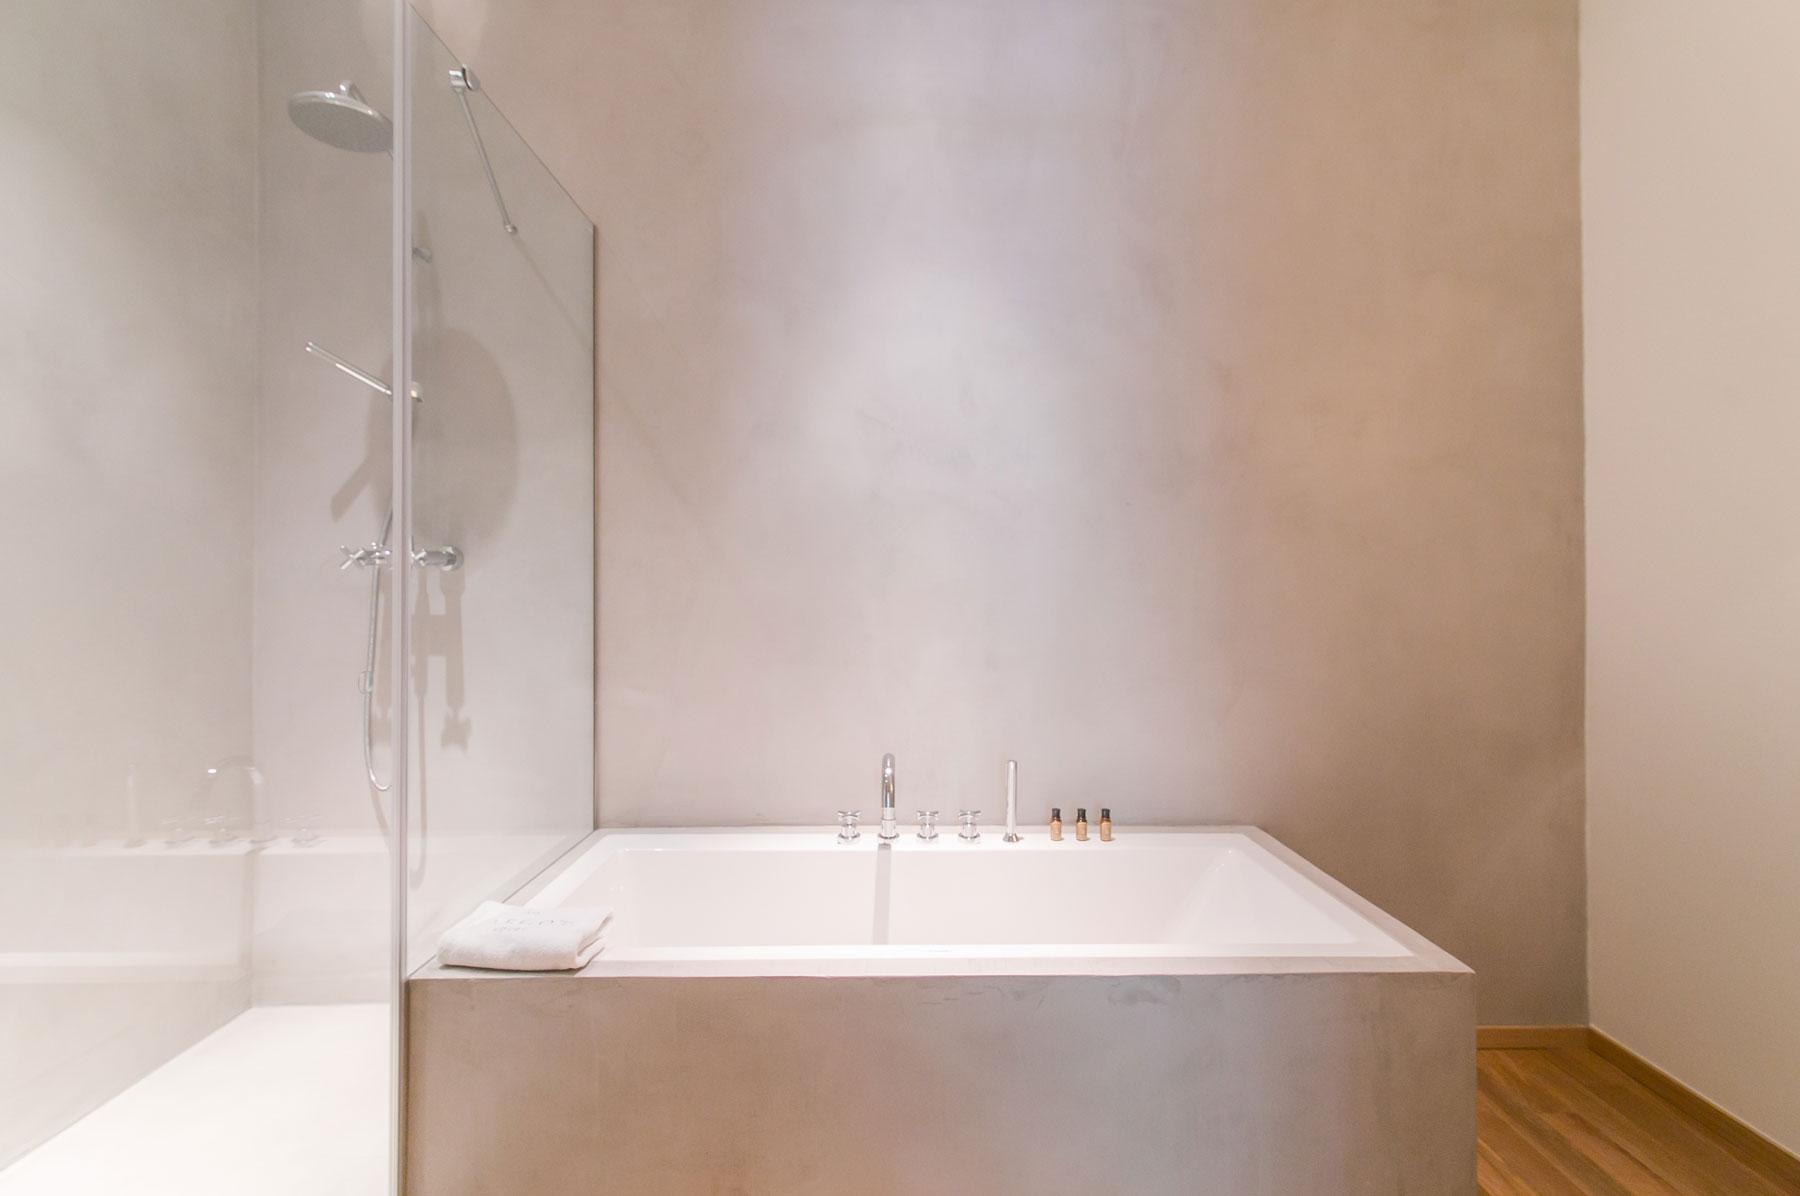 badkamers voorbeelden dubbele douchekop